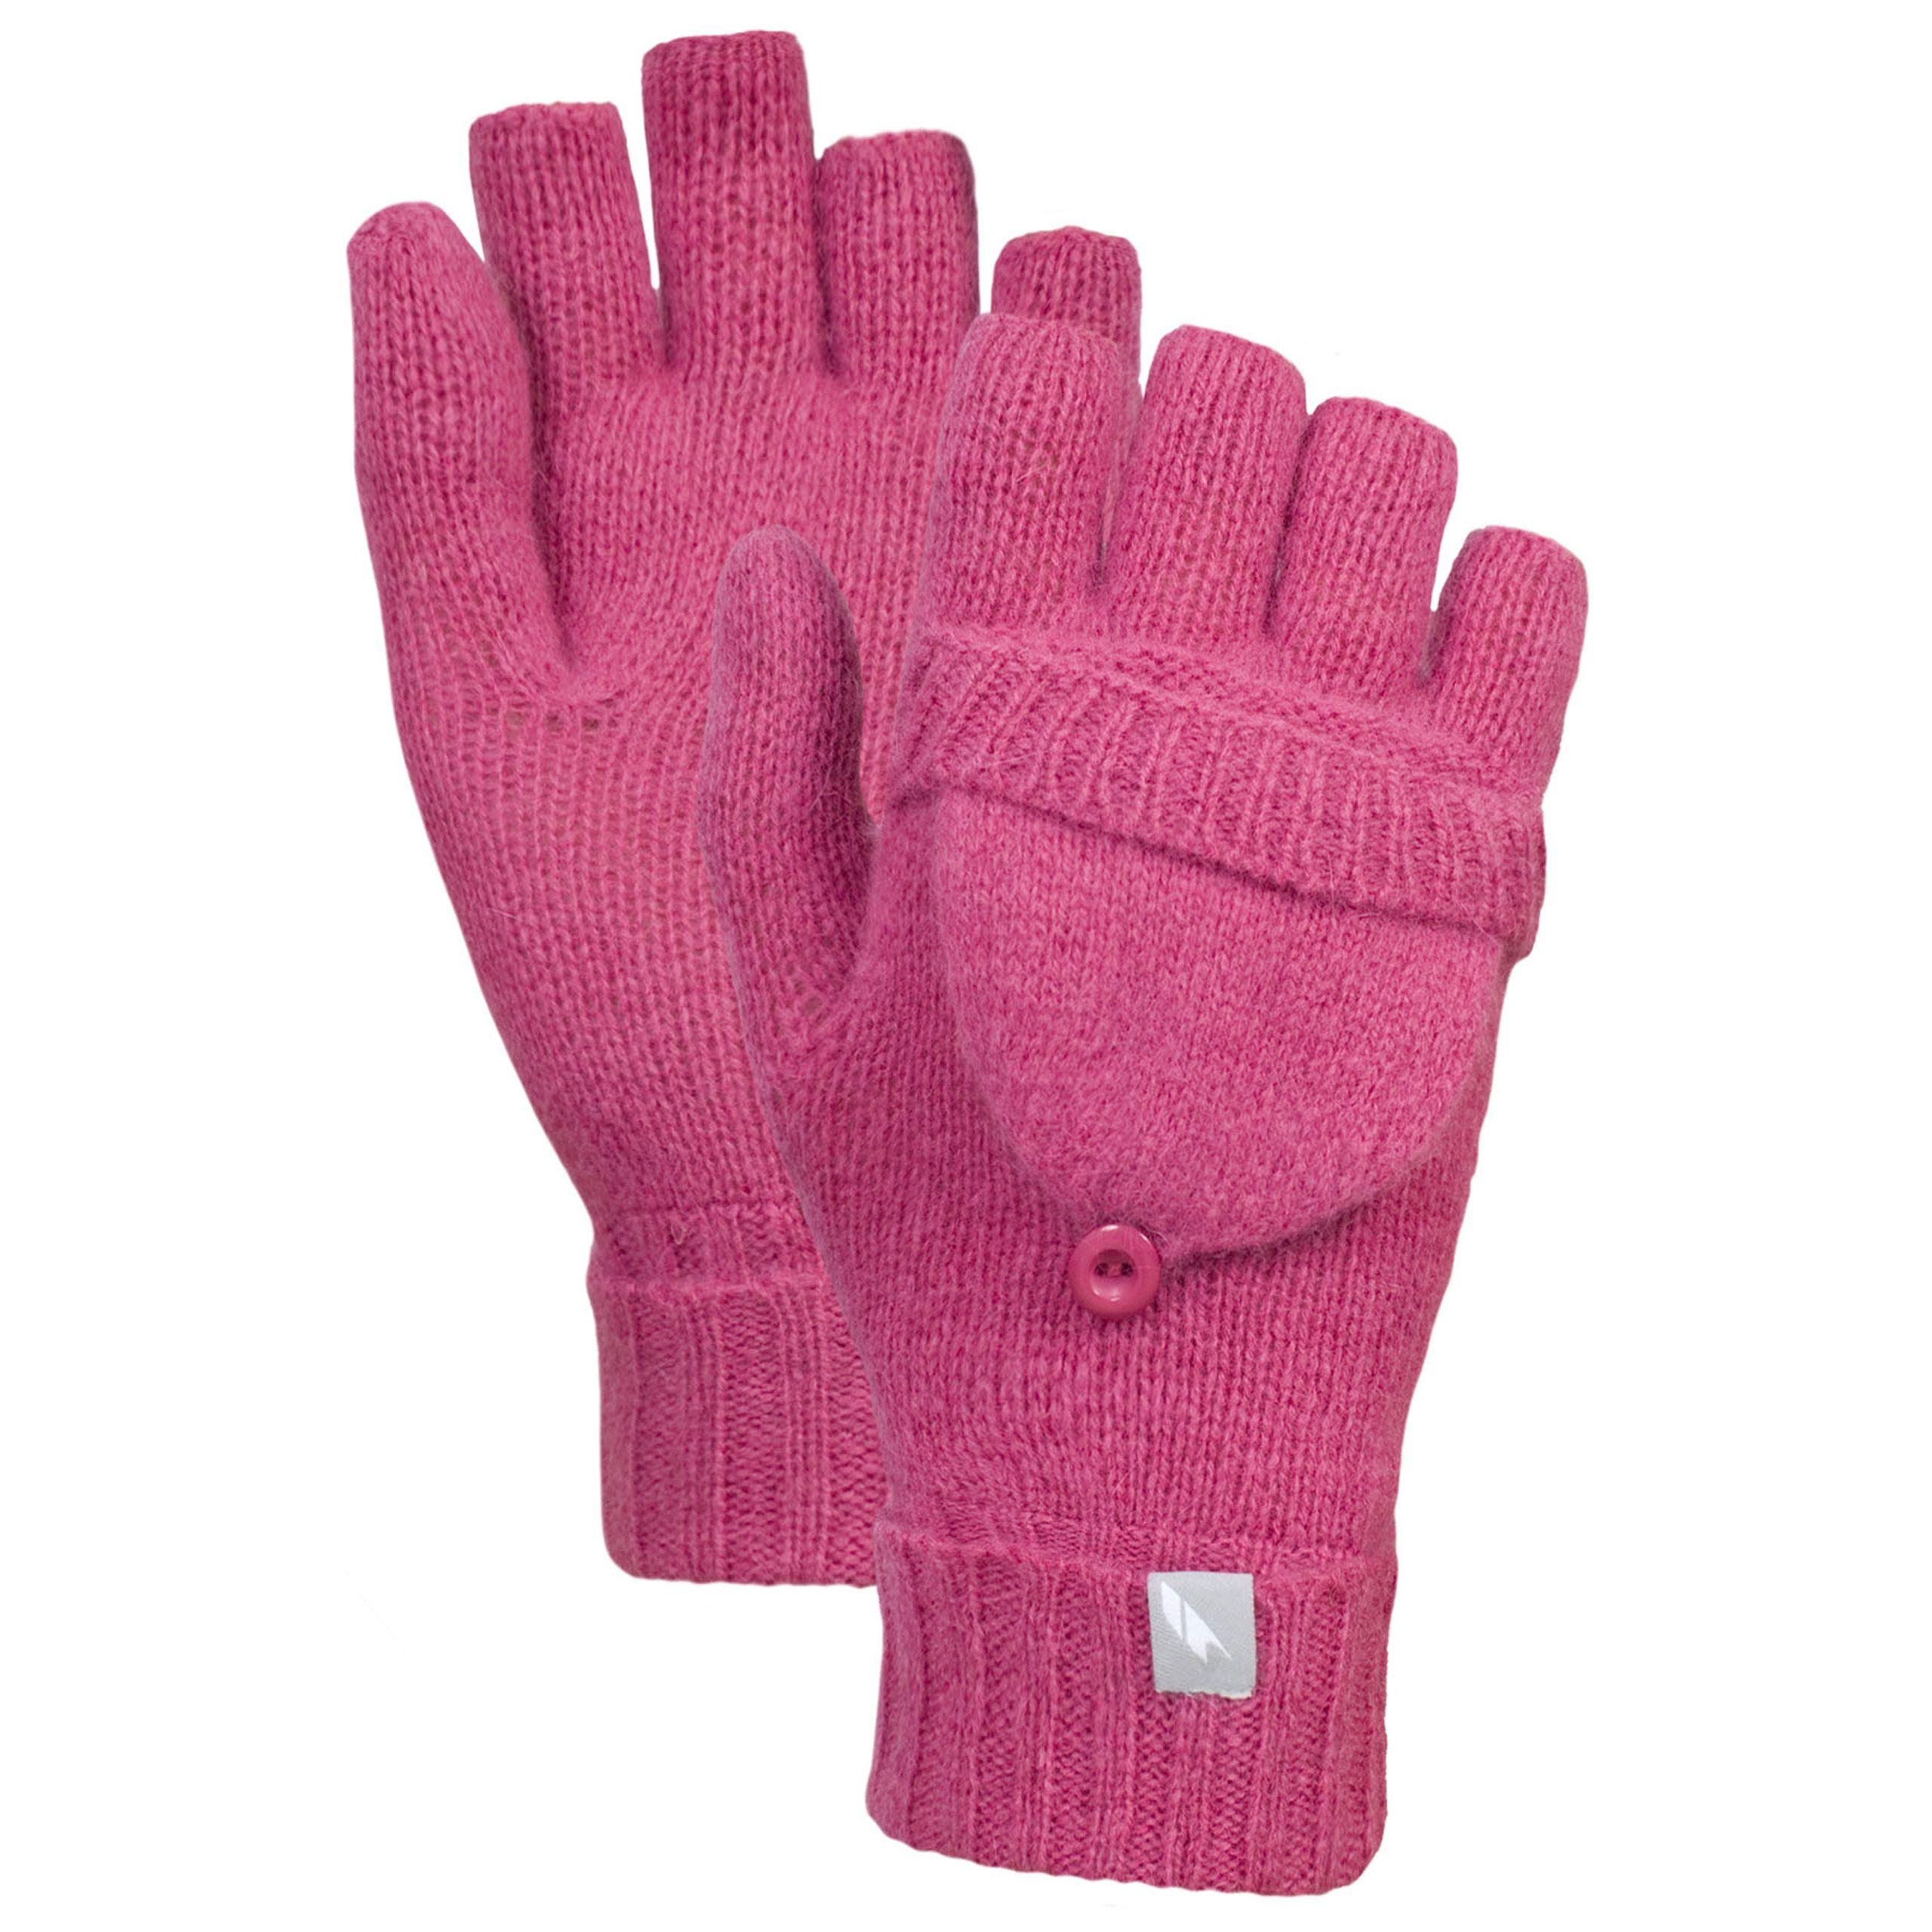 Trespass Womens/Ladies Tussock Fingerless Gloves